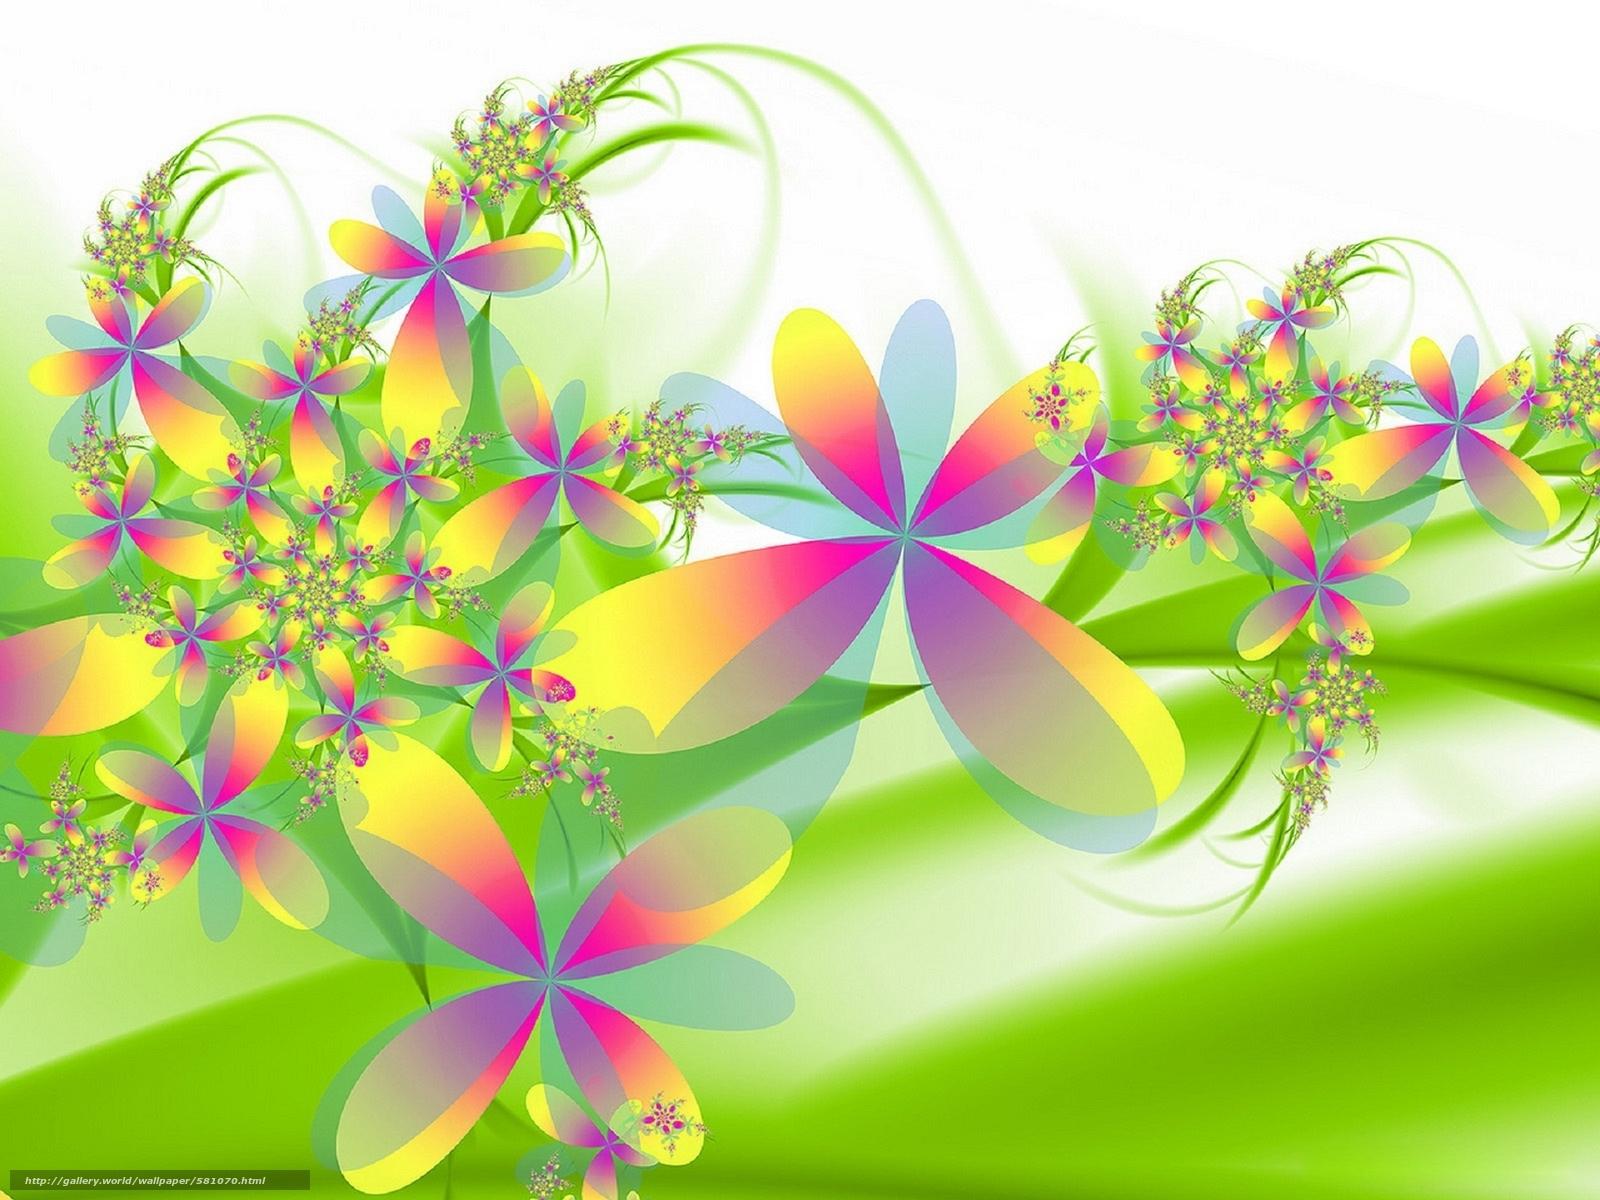 Flowers wallpapers for desktop 3d 3923281 spojivachfo beautiful 3d flowers wallpapers on wallpapergetcom izmirmasajfo